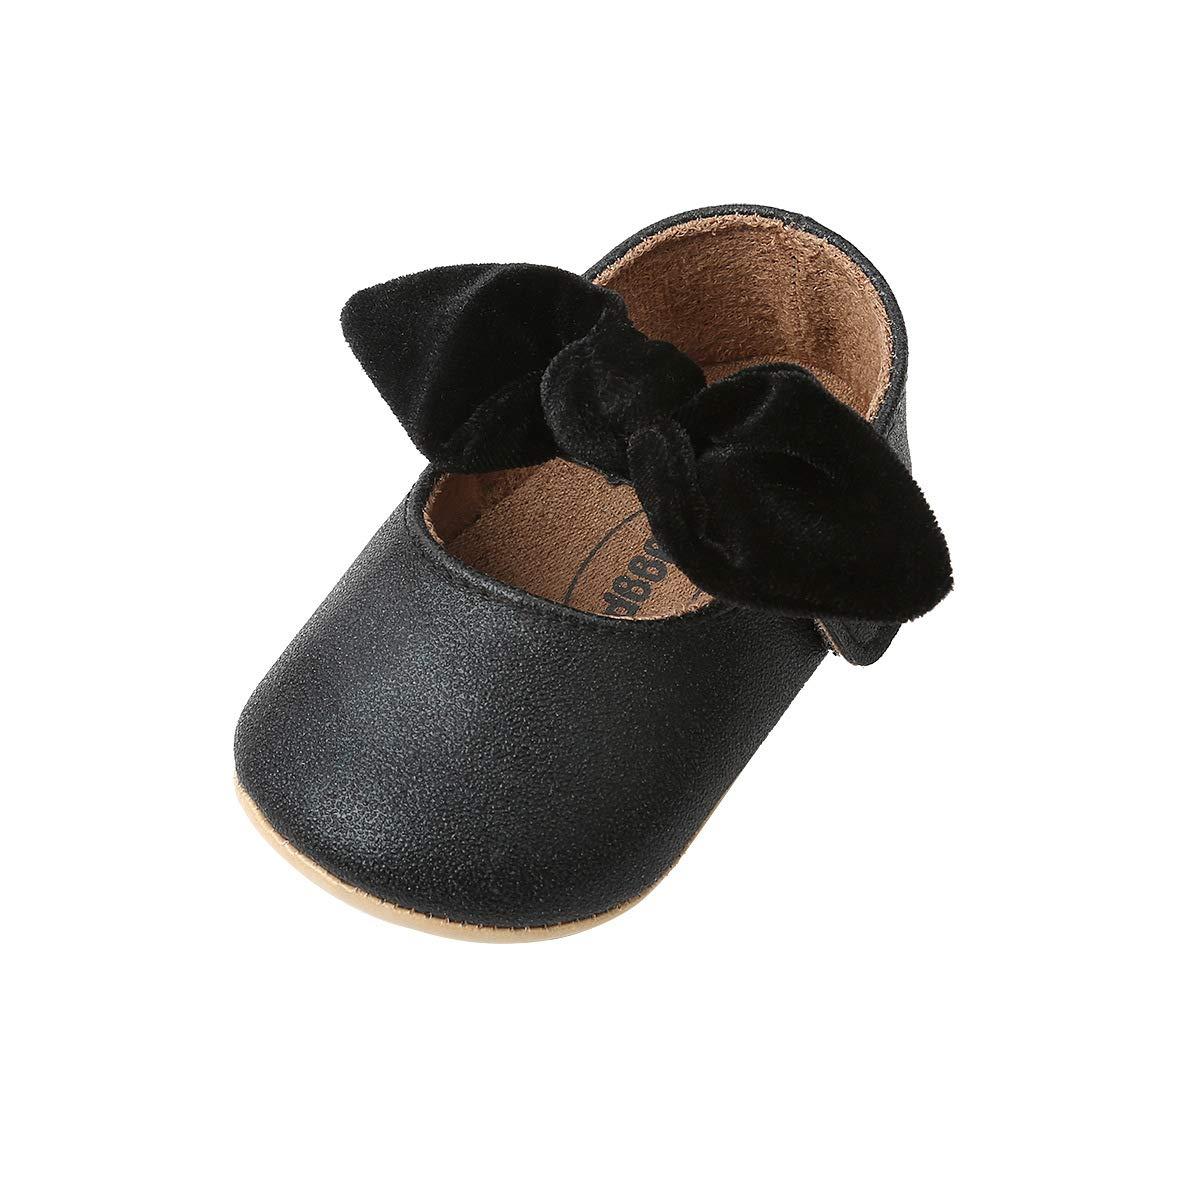 b90cbe8554252 DOTBUY Chaussures Enfants Filles Bébés, Nouveau Né Bowknot Toddler  Antidérapant Premières Pas Chaussures Marcheurs